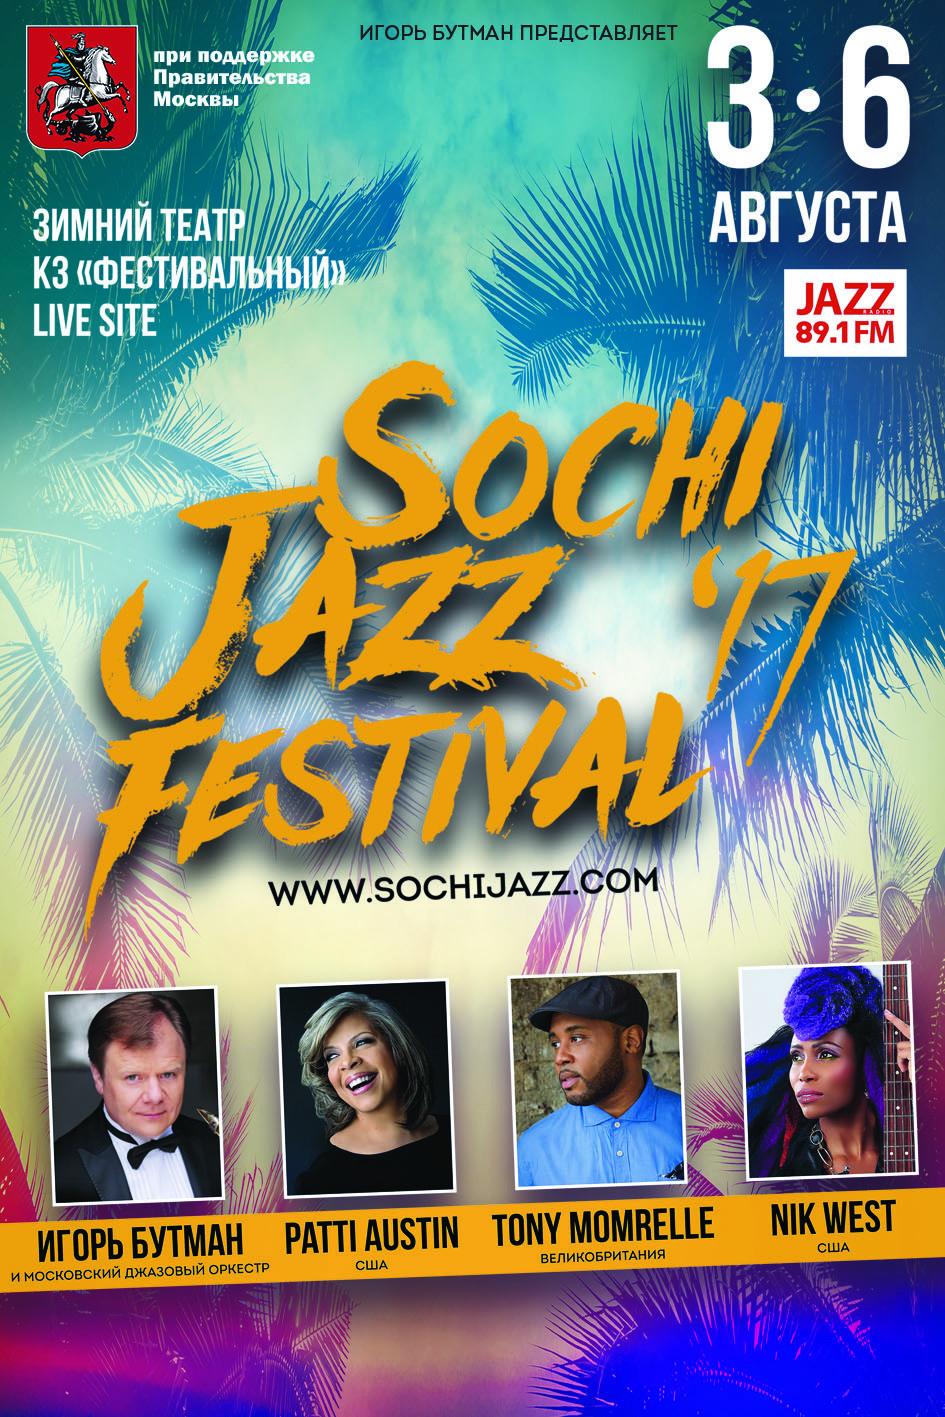 Sochi Jazz Festival